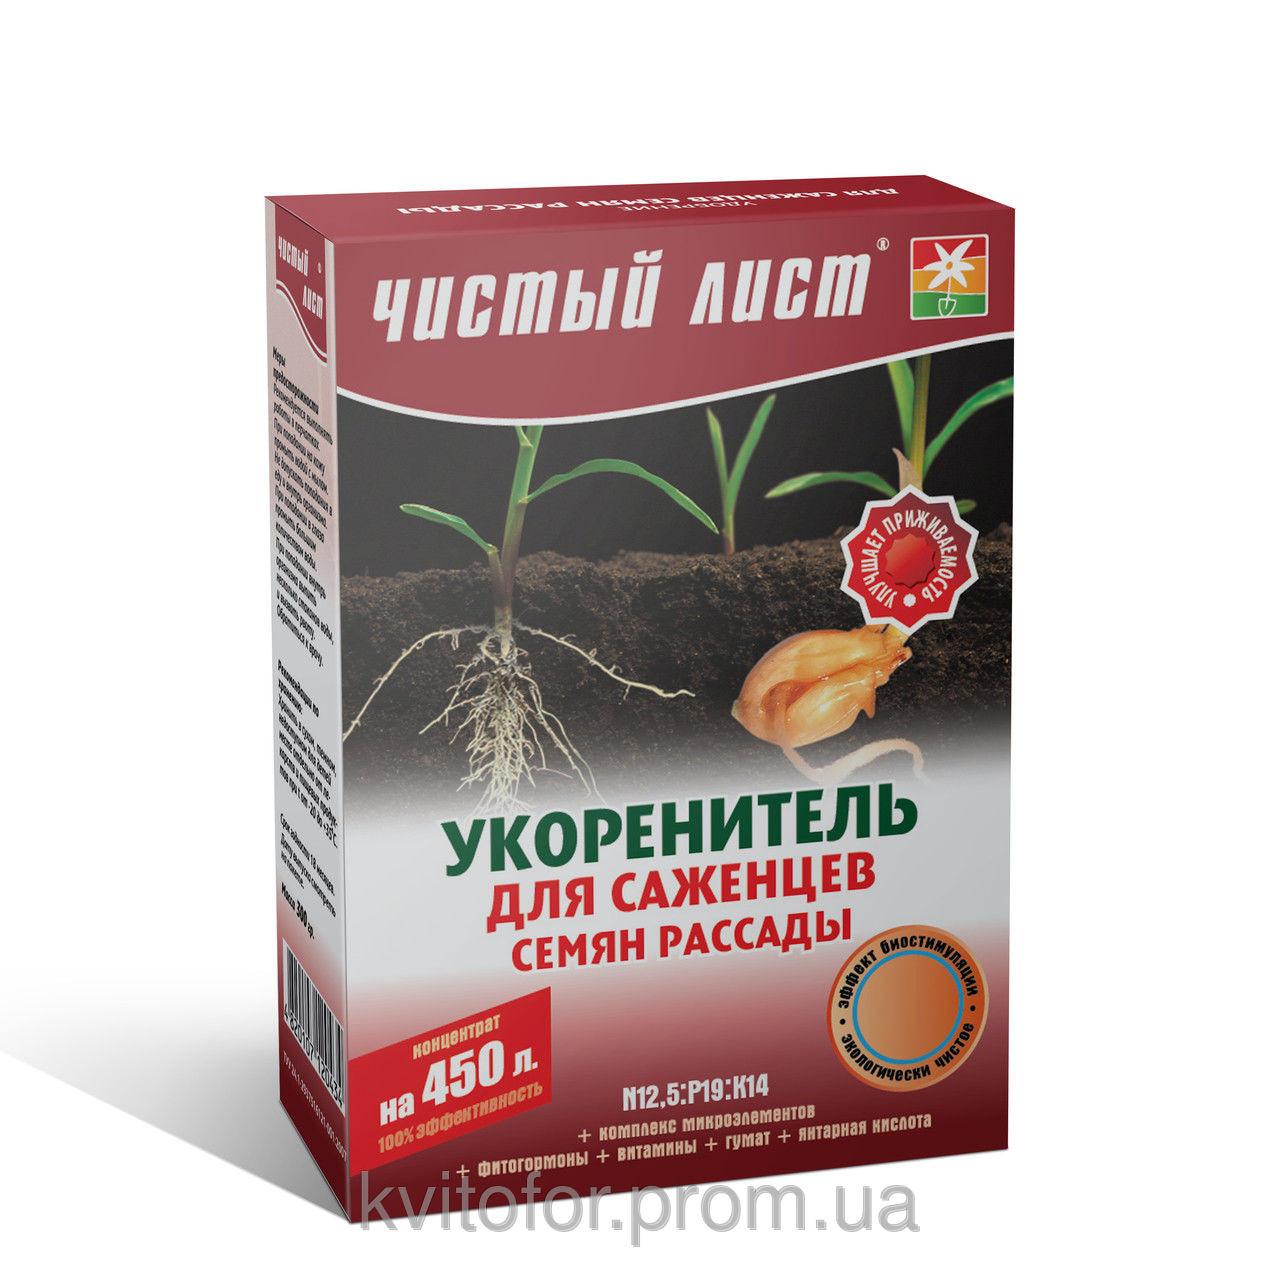 Удобрение Чистый лист для саженцев и семян рассады. Укоренитель, 300 г